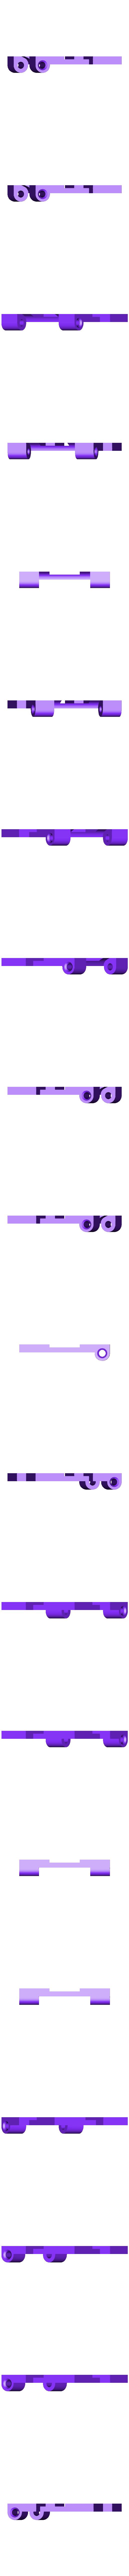 GiftBox_02.stl Télécharger fichier STL gratuit Jouet de Noël • Design à imprimer en 3D, Jwoong